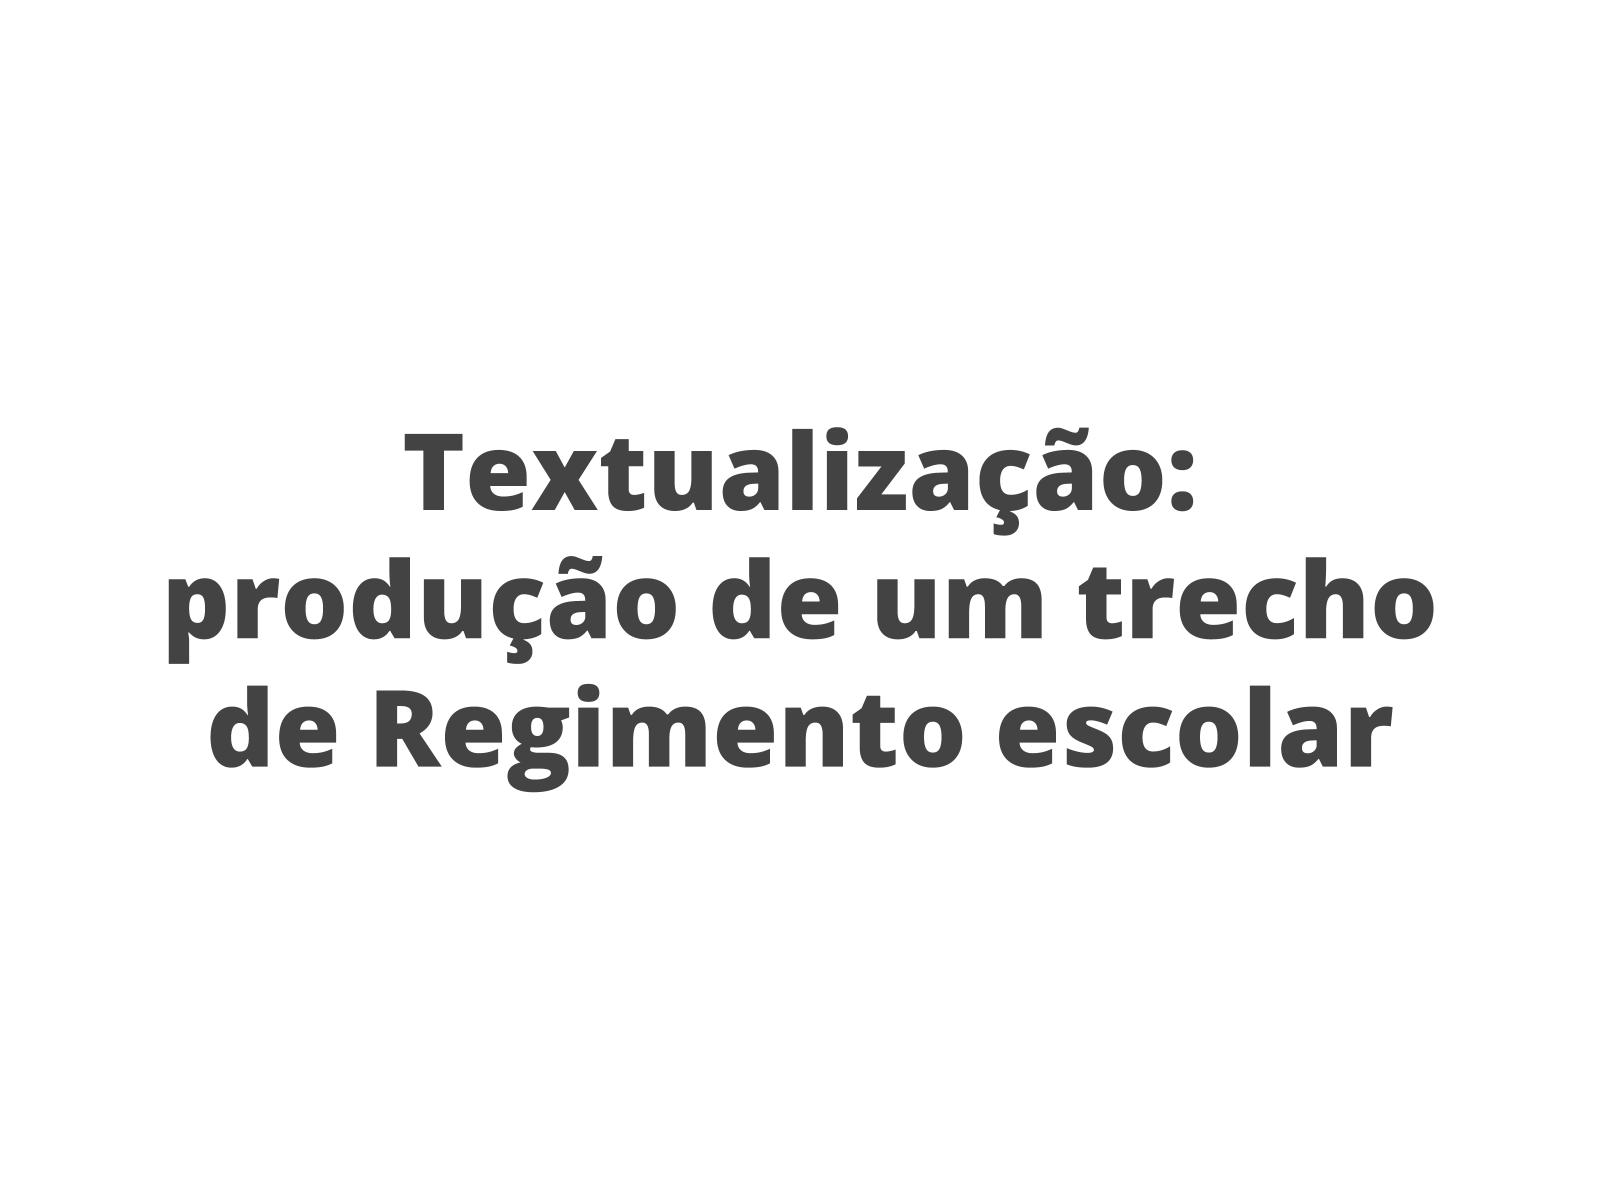 Combinados pela paz: produção de trecho de Regimento escolar - textualização